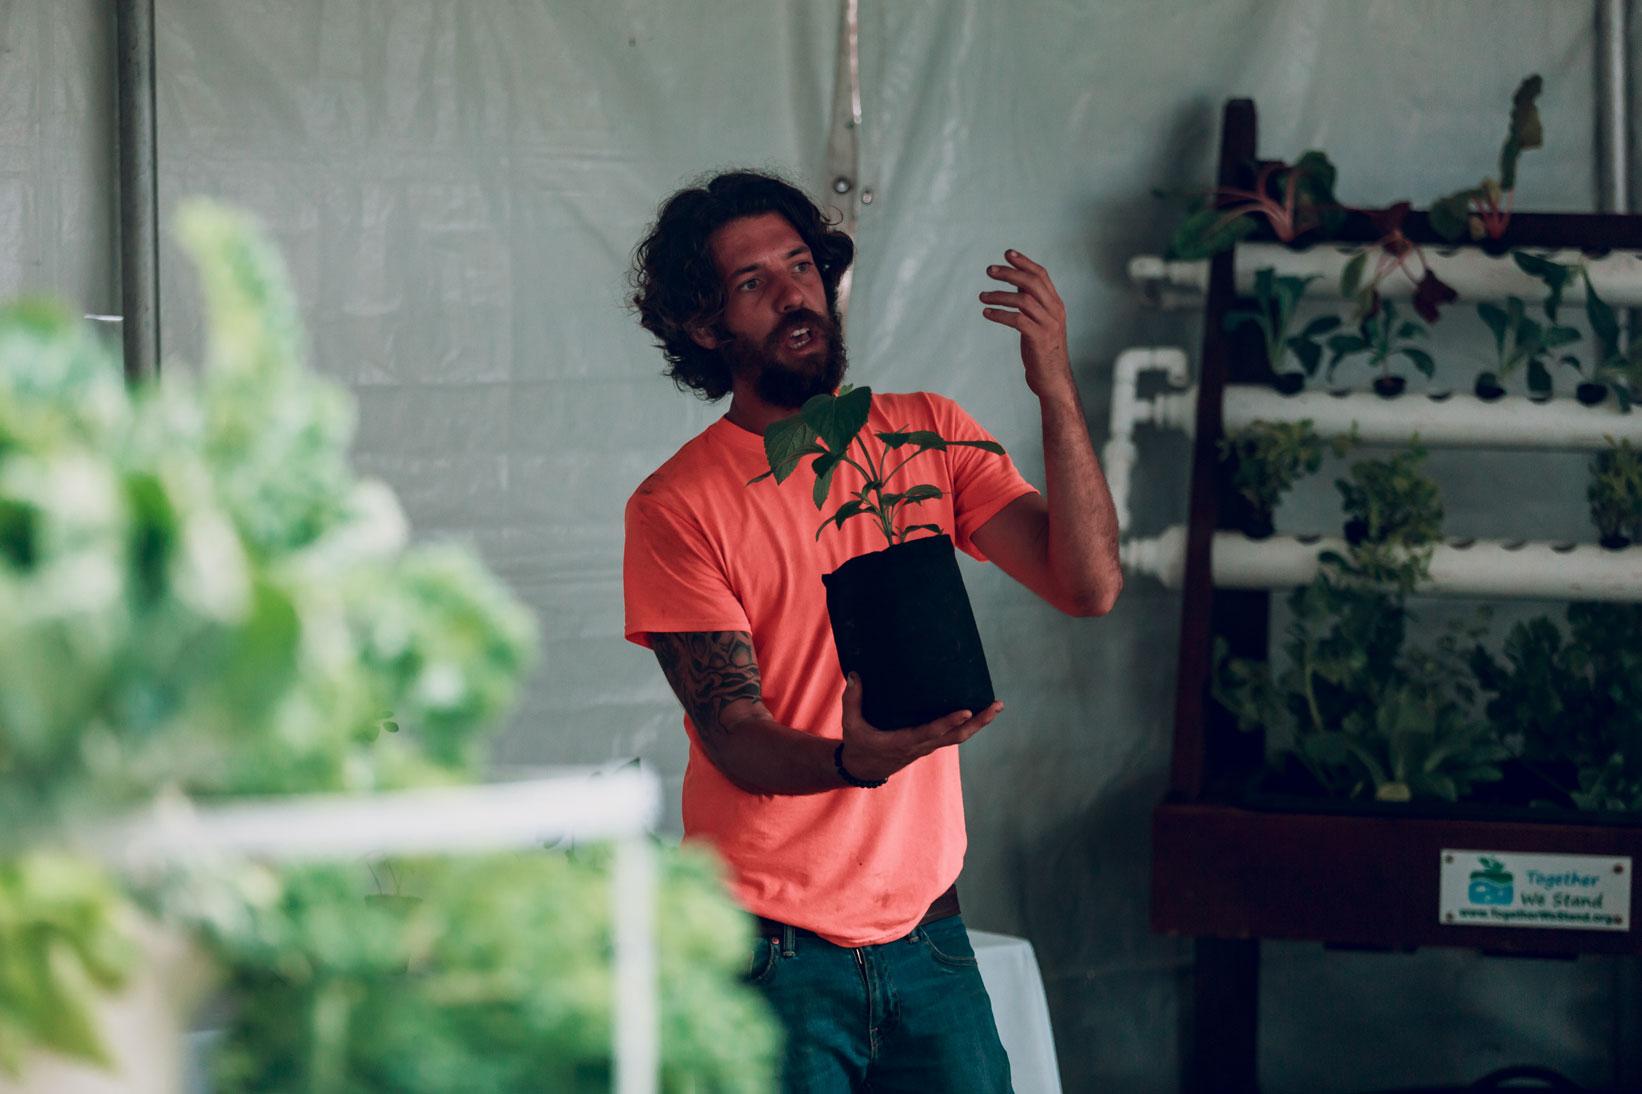 Gardener teaching a class